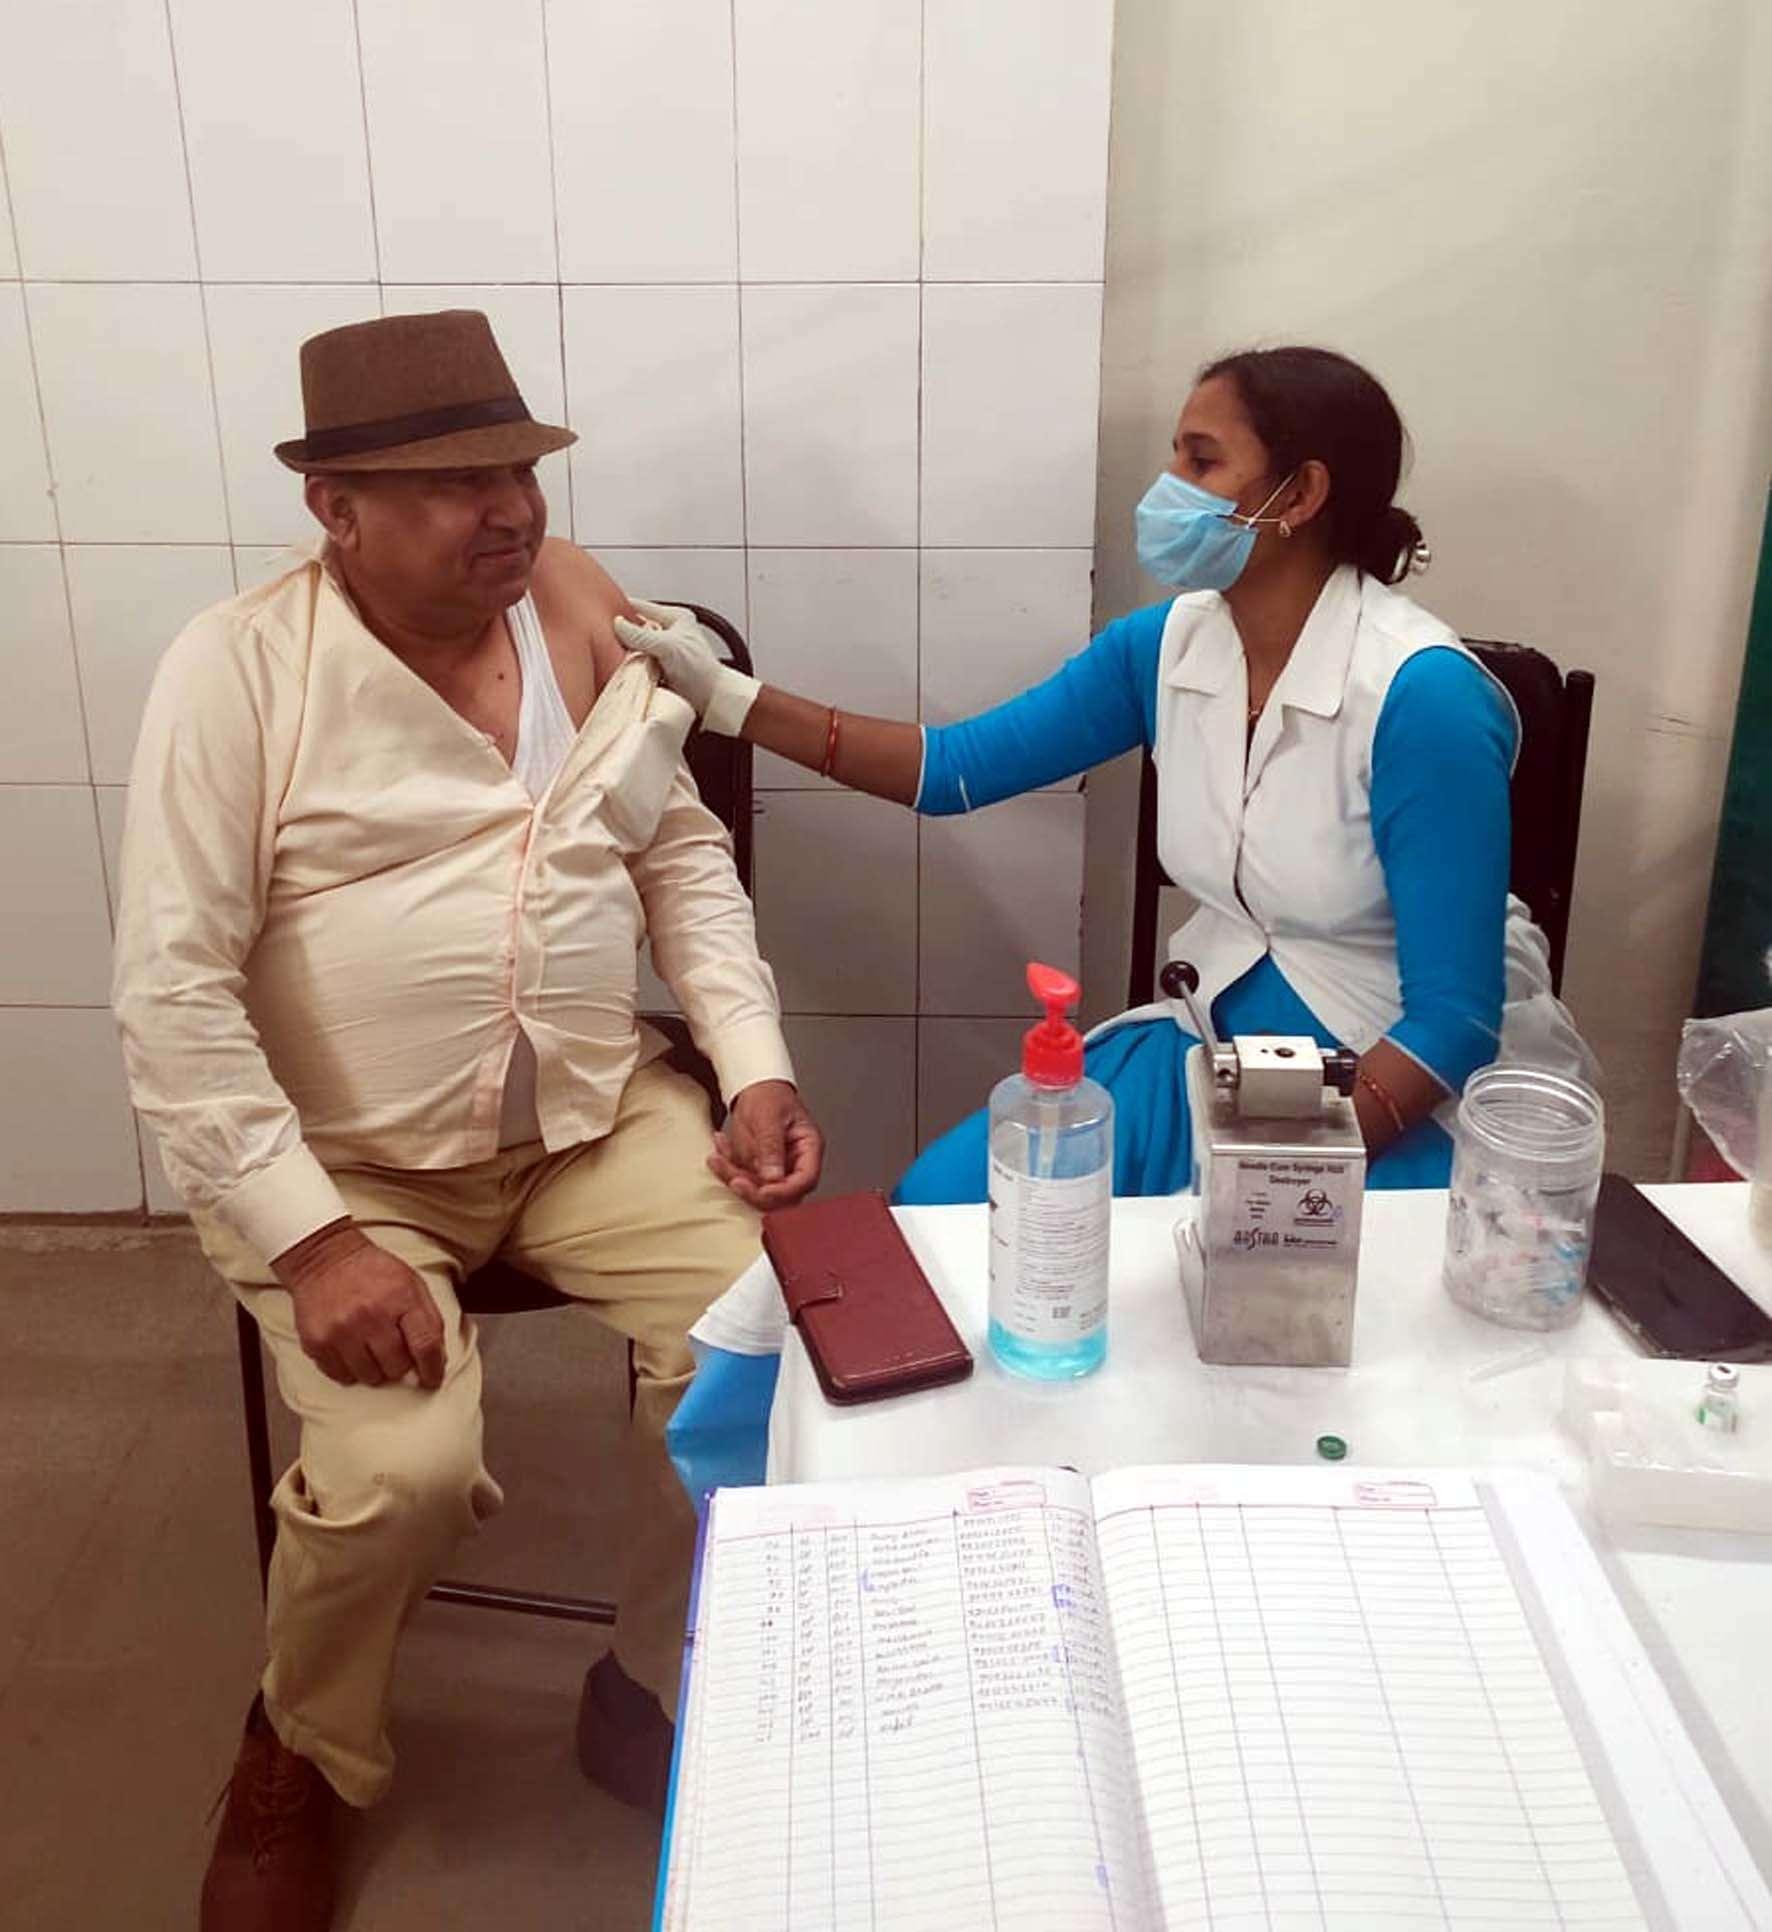 हिसार ज़िले में डेढ़ लाख ने ली कोरोना वैक्सीन की पहली डोज